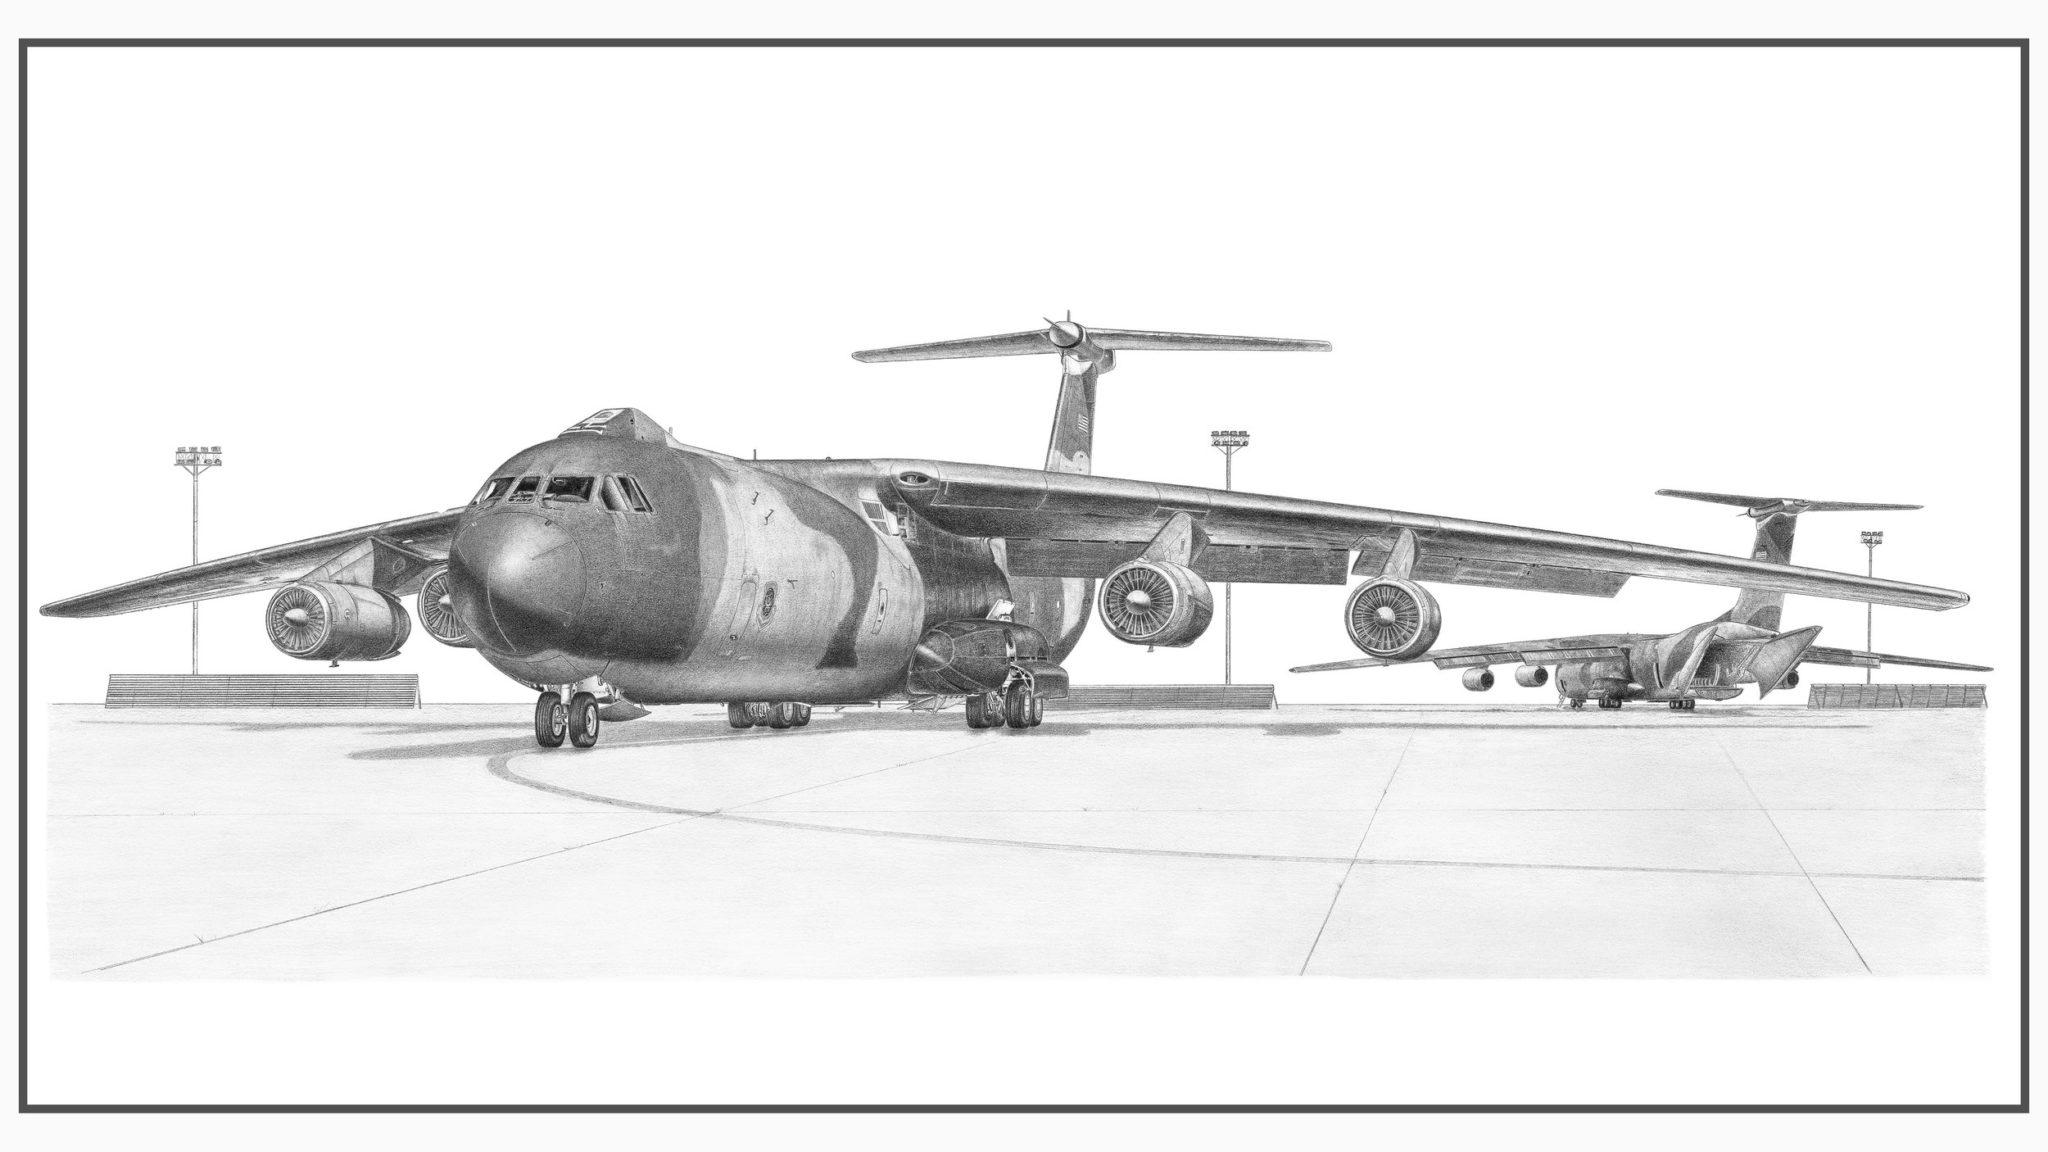 C-141B Starlifter Doug Kinsley Print 1